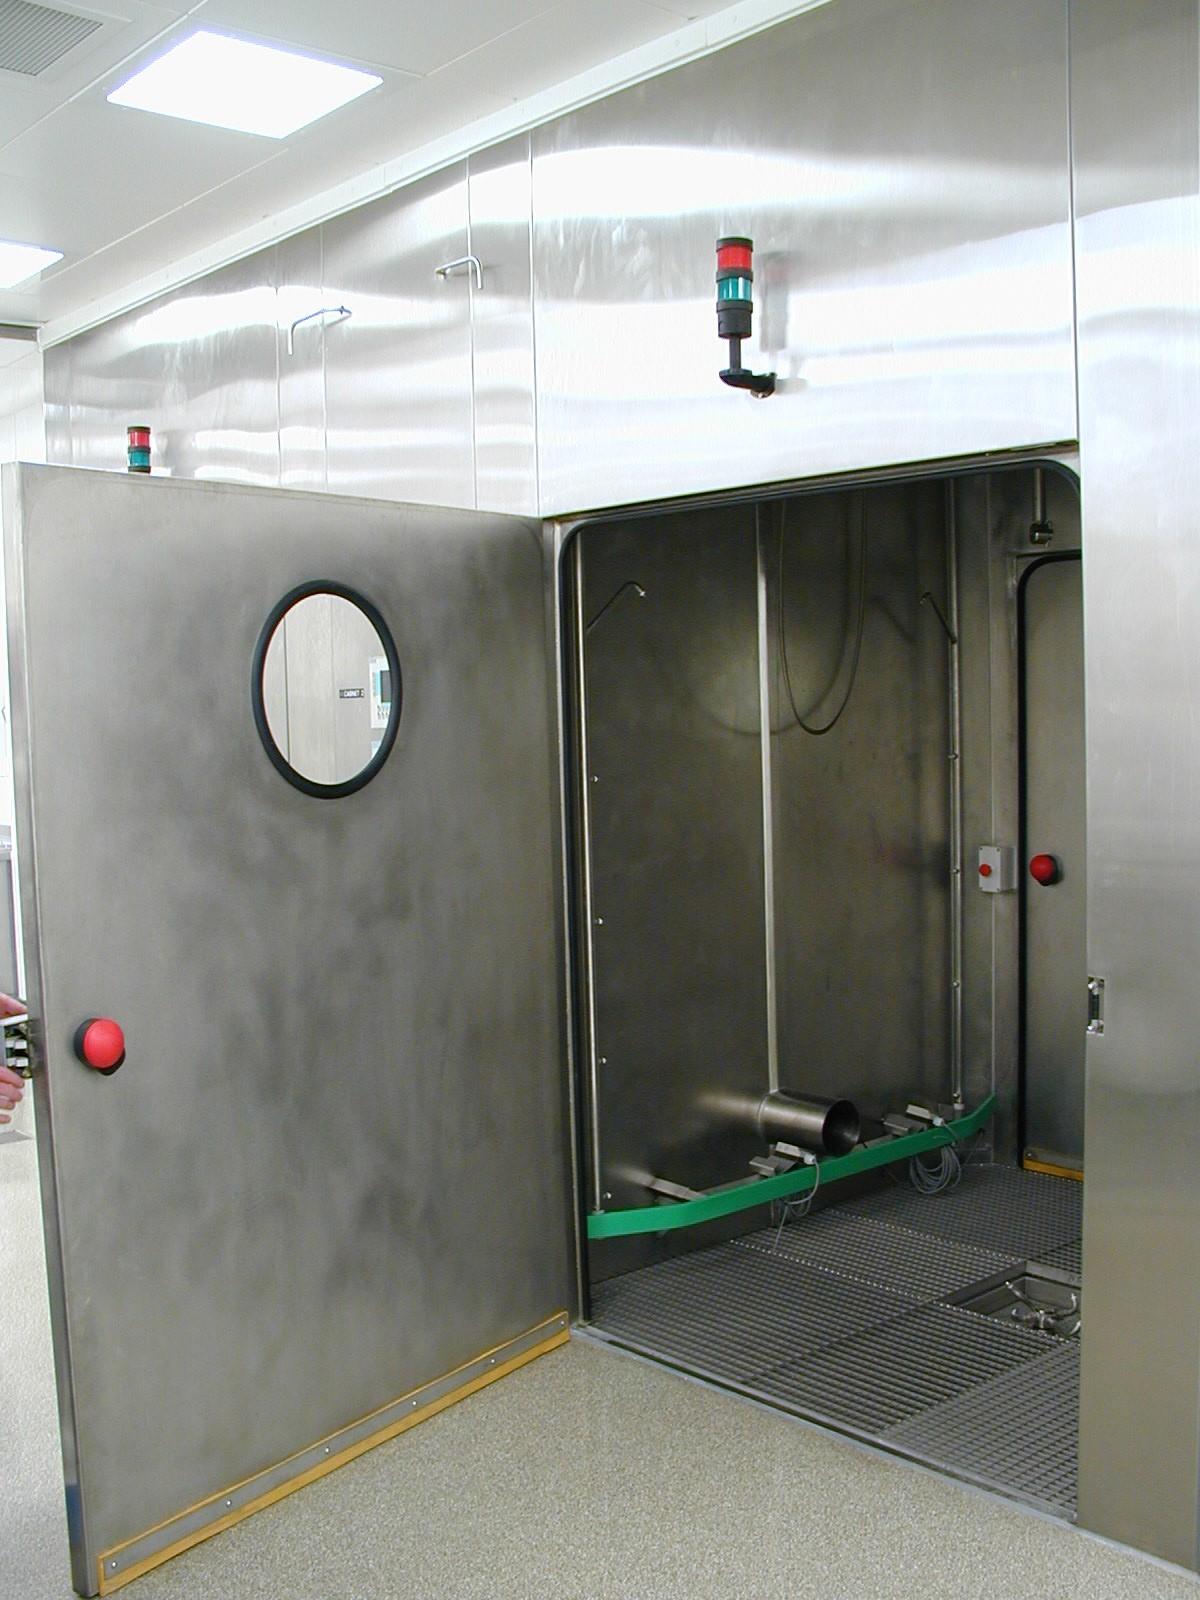 cabines de nettoyage tous les fournisseurs cabine de lavage enceinte de nettoyage. Black Bedroom Furniture Sets. Home Design Ideas